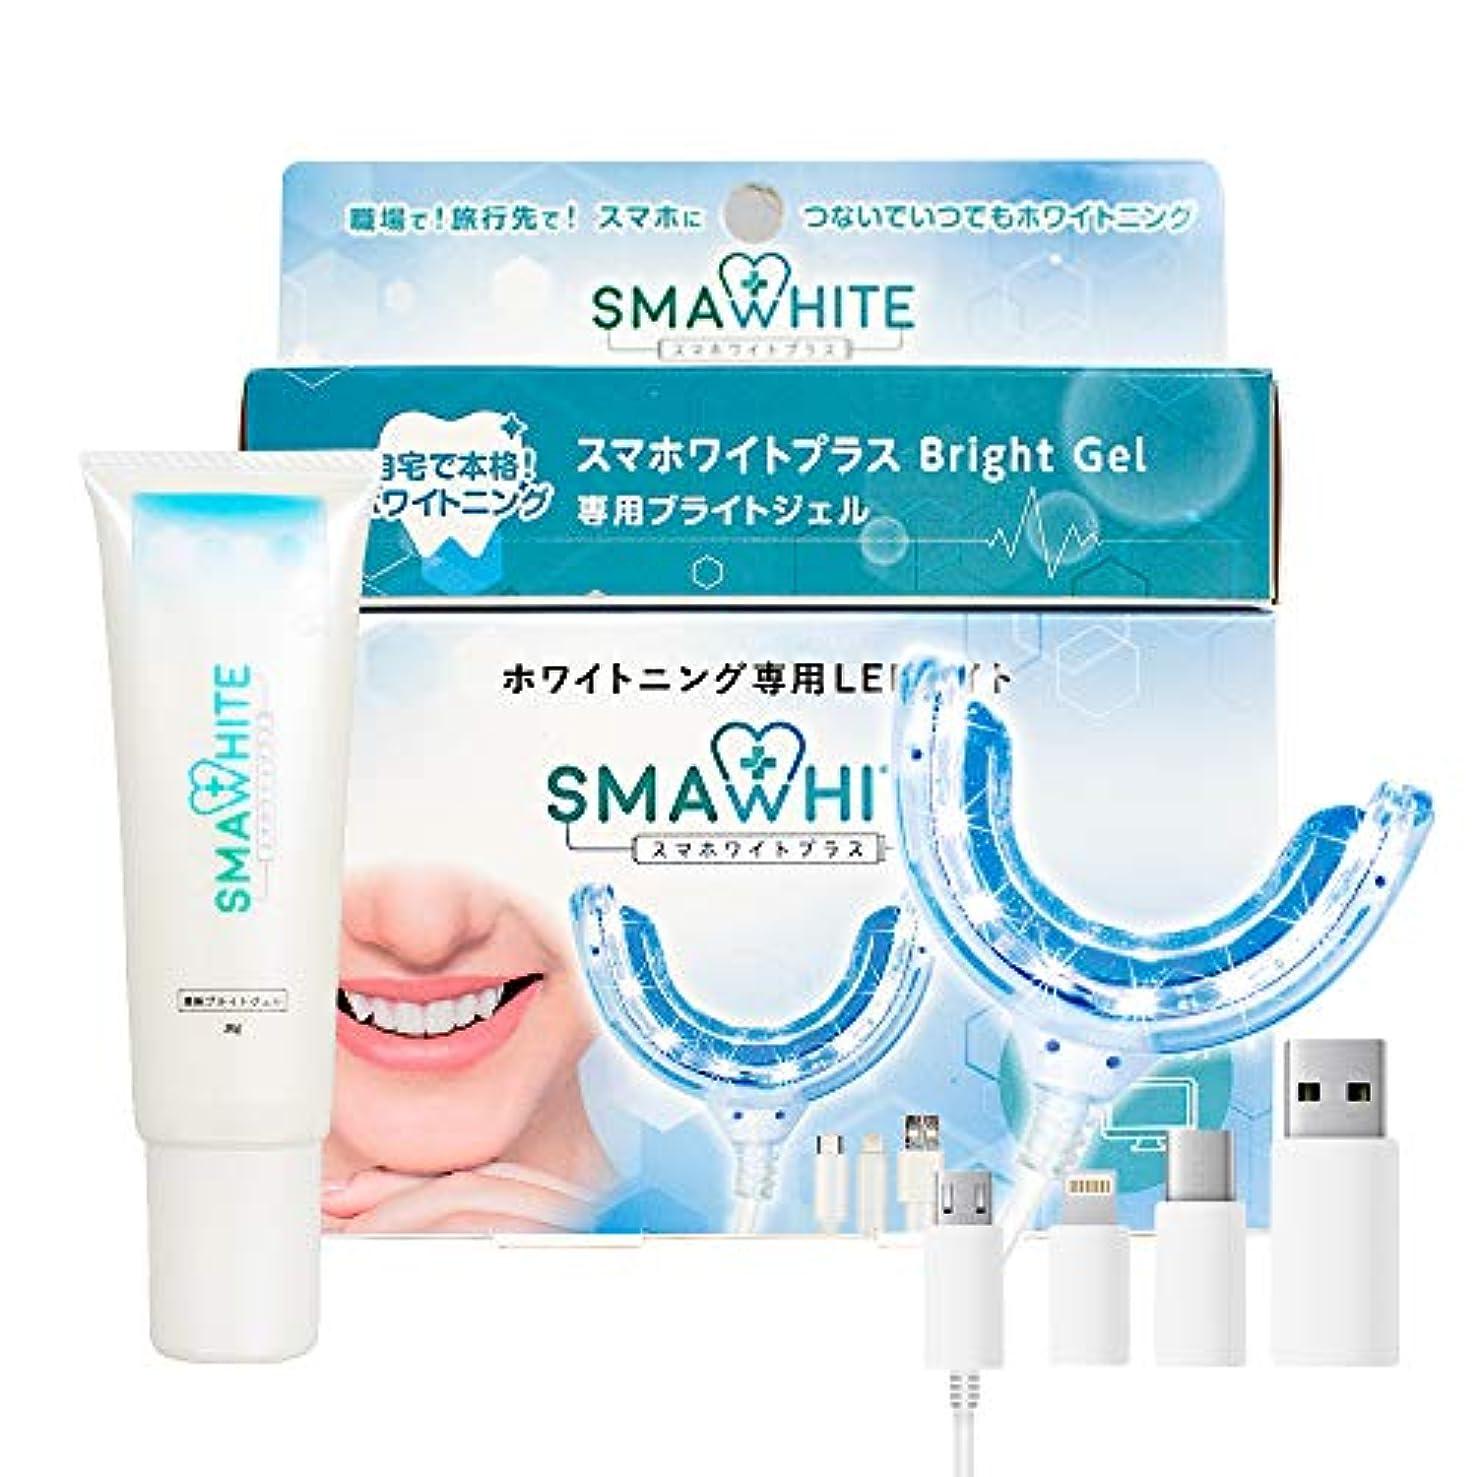 すごい懲戒怖がって死ぬスマホワイトプラス(SMAWHITE+) ホワイトニングキット LEDマウスピース+専用ジェル30g 初めての方向けセット 自宅で簡単 歯のセルフホワイトニング [一般医療機器]